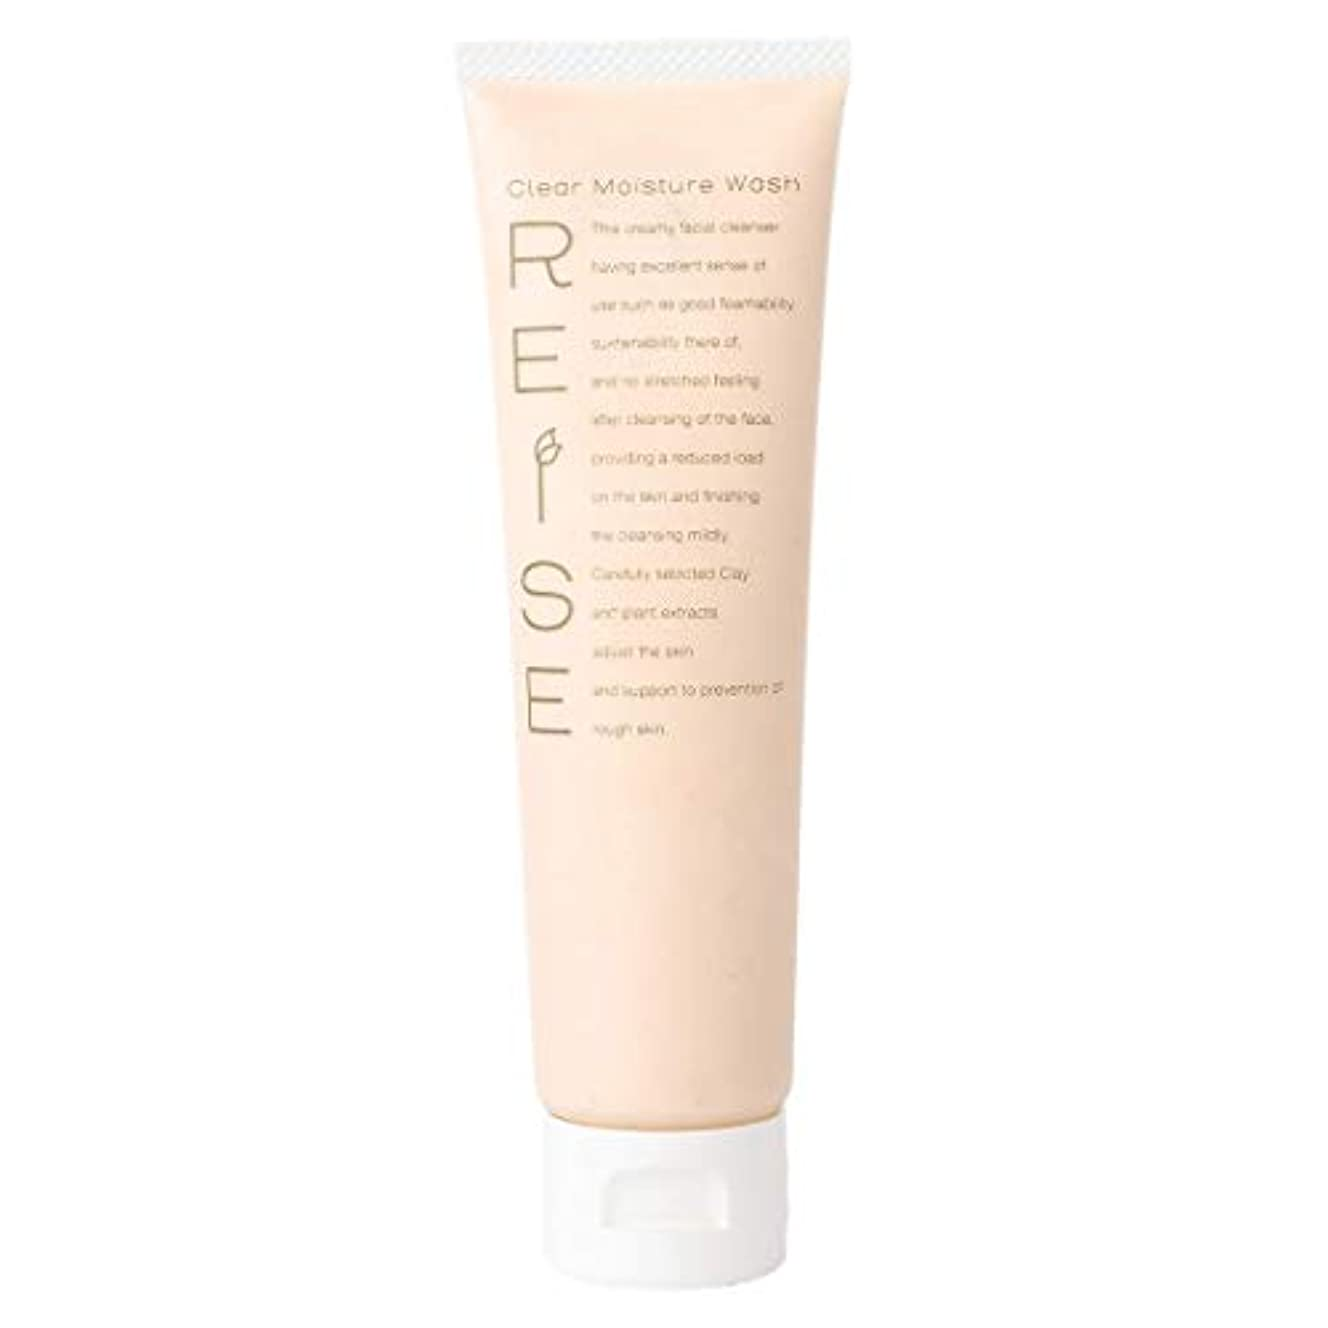 引き付けるに付ける苦しむライゼ クリア保湿ウォッシュ105g 発酵卵白の羽泡で潤って洗う 洗顔フォーム